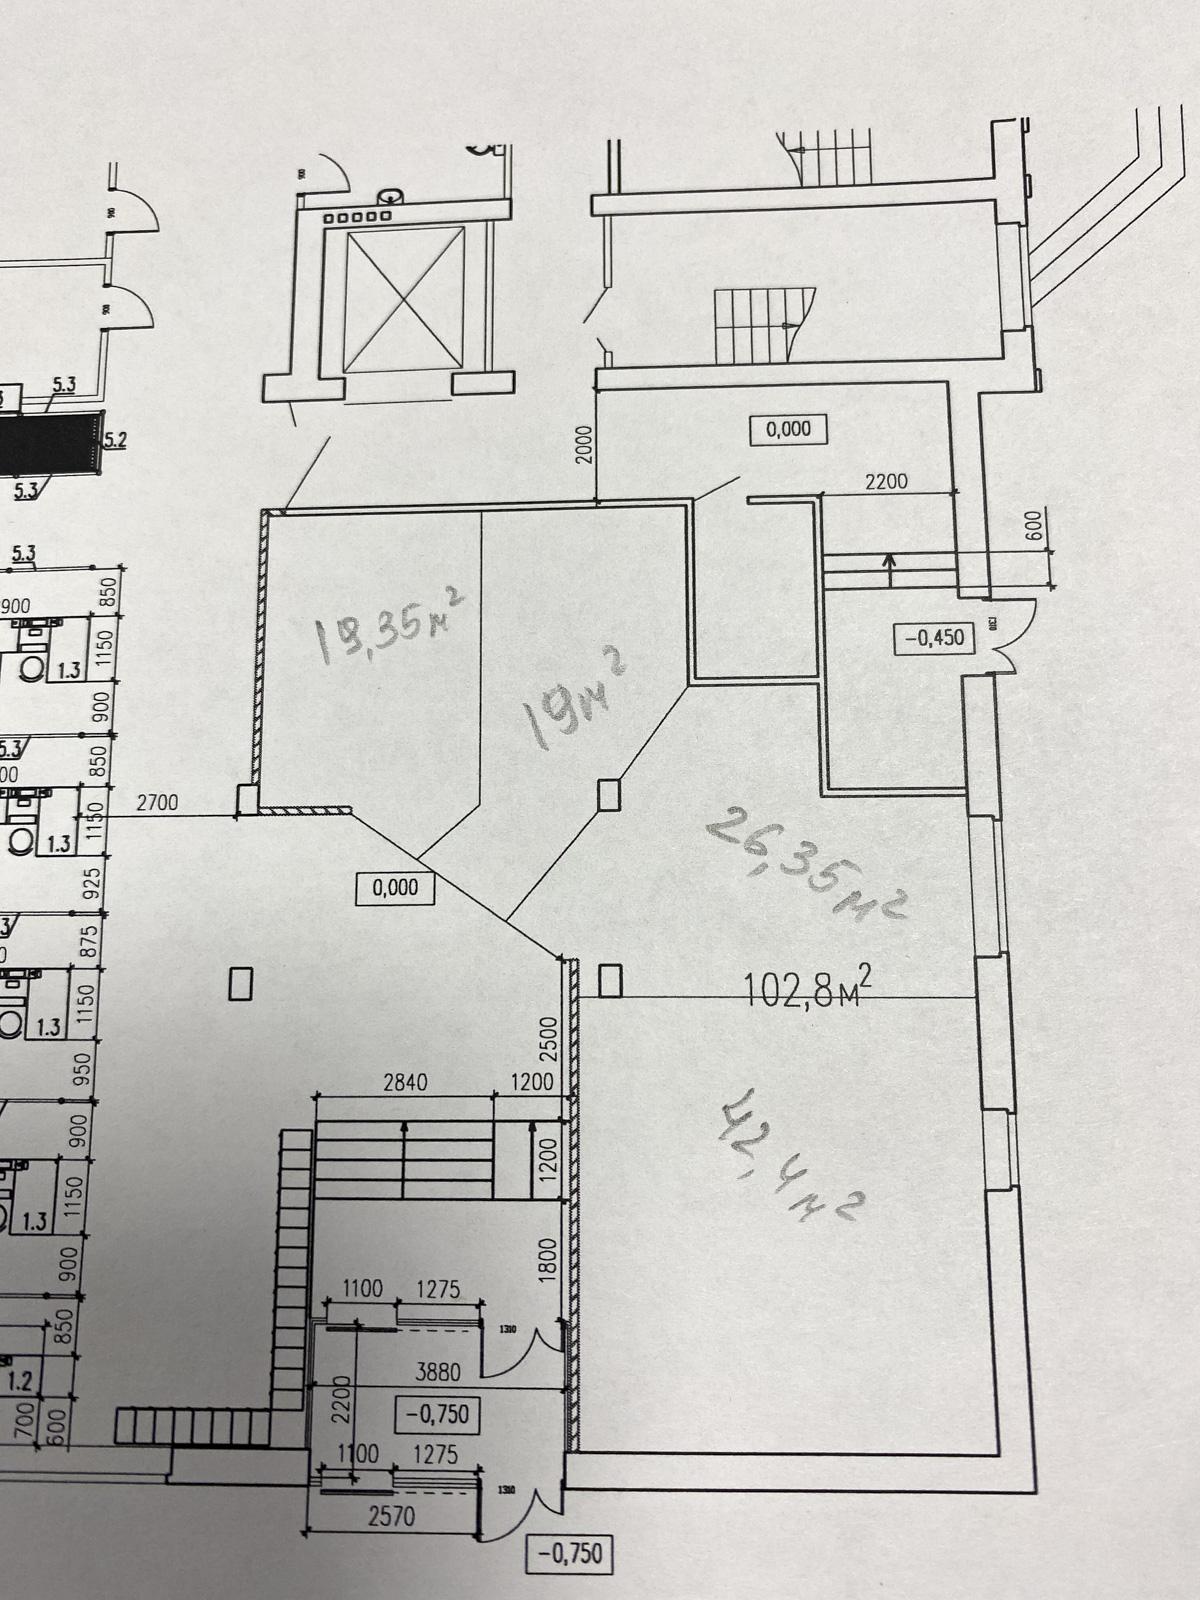 1 этаж, прикассовая зона